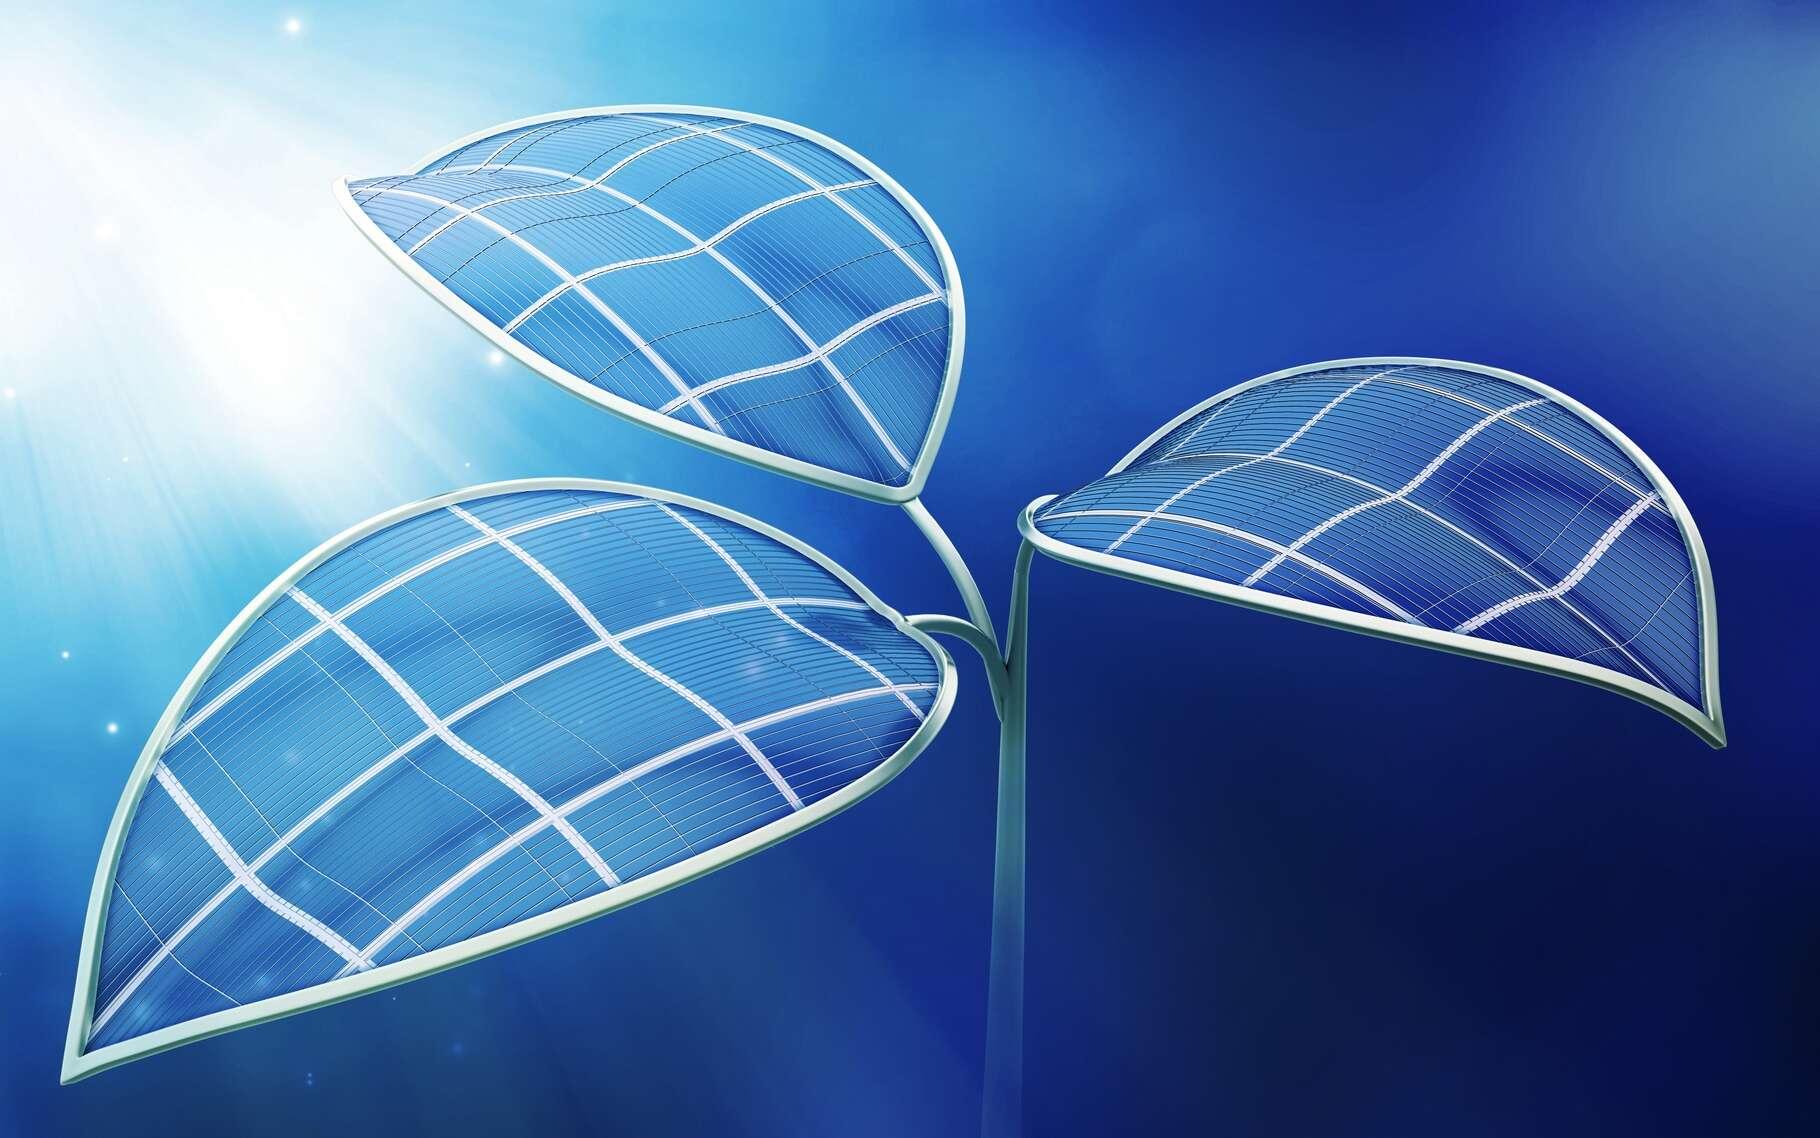 La feuille bionique 2.0 de l'université d'Harvard peut transformer le soleil et l'eau en électricité ou en combustibles liquides. © Mopicn, Shutterstock